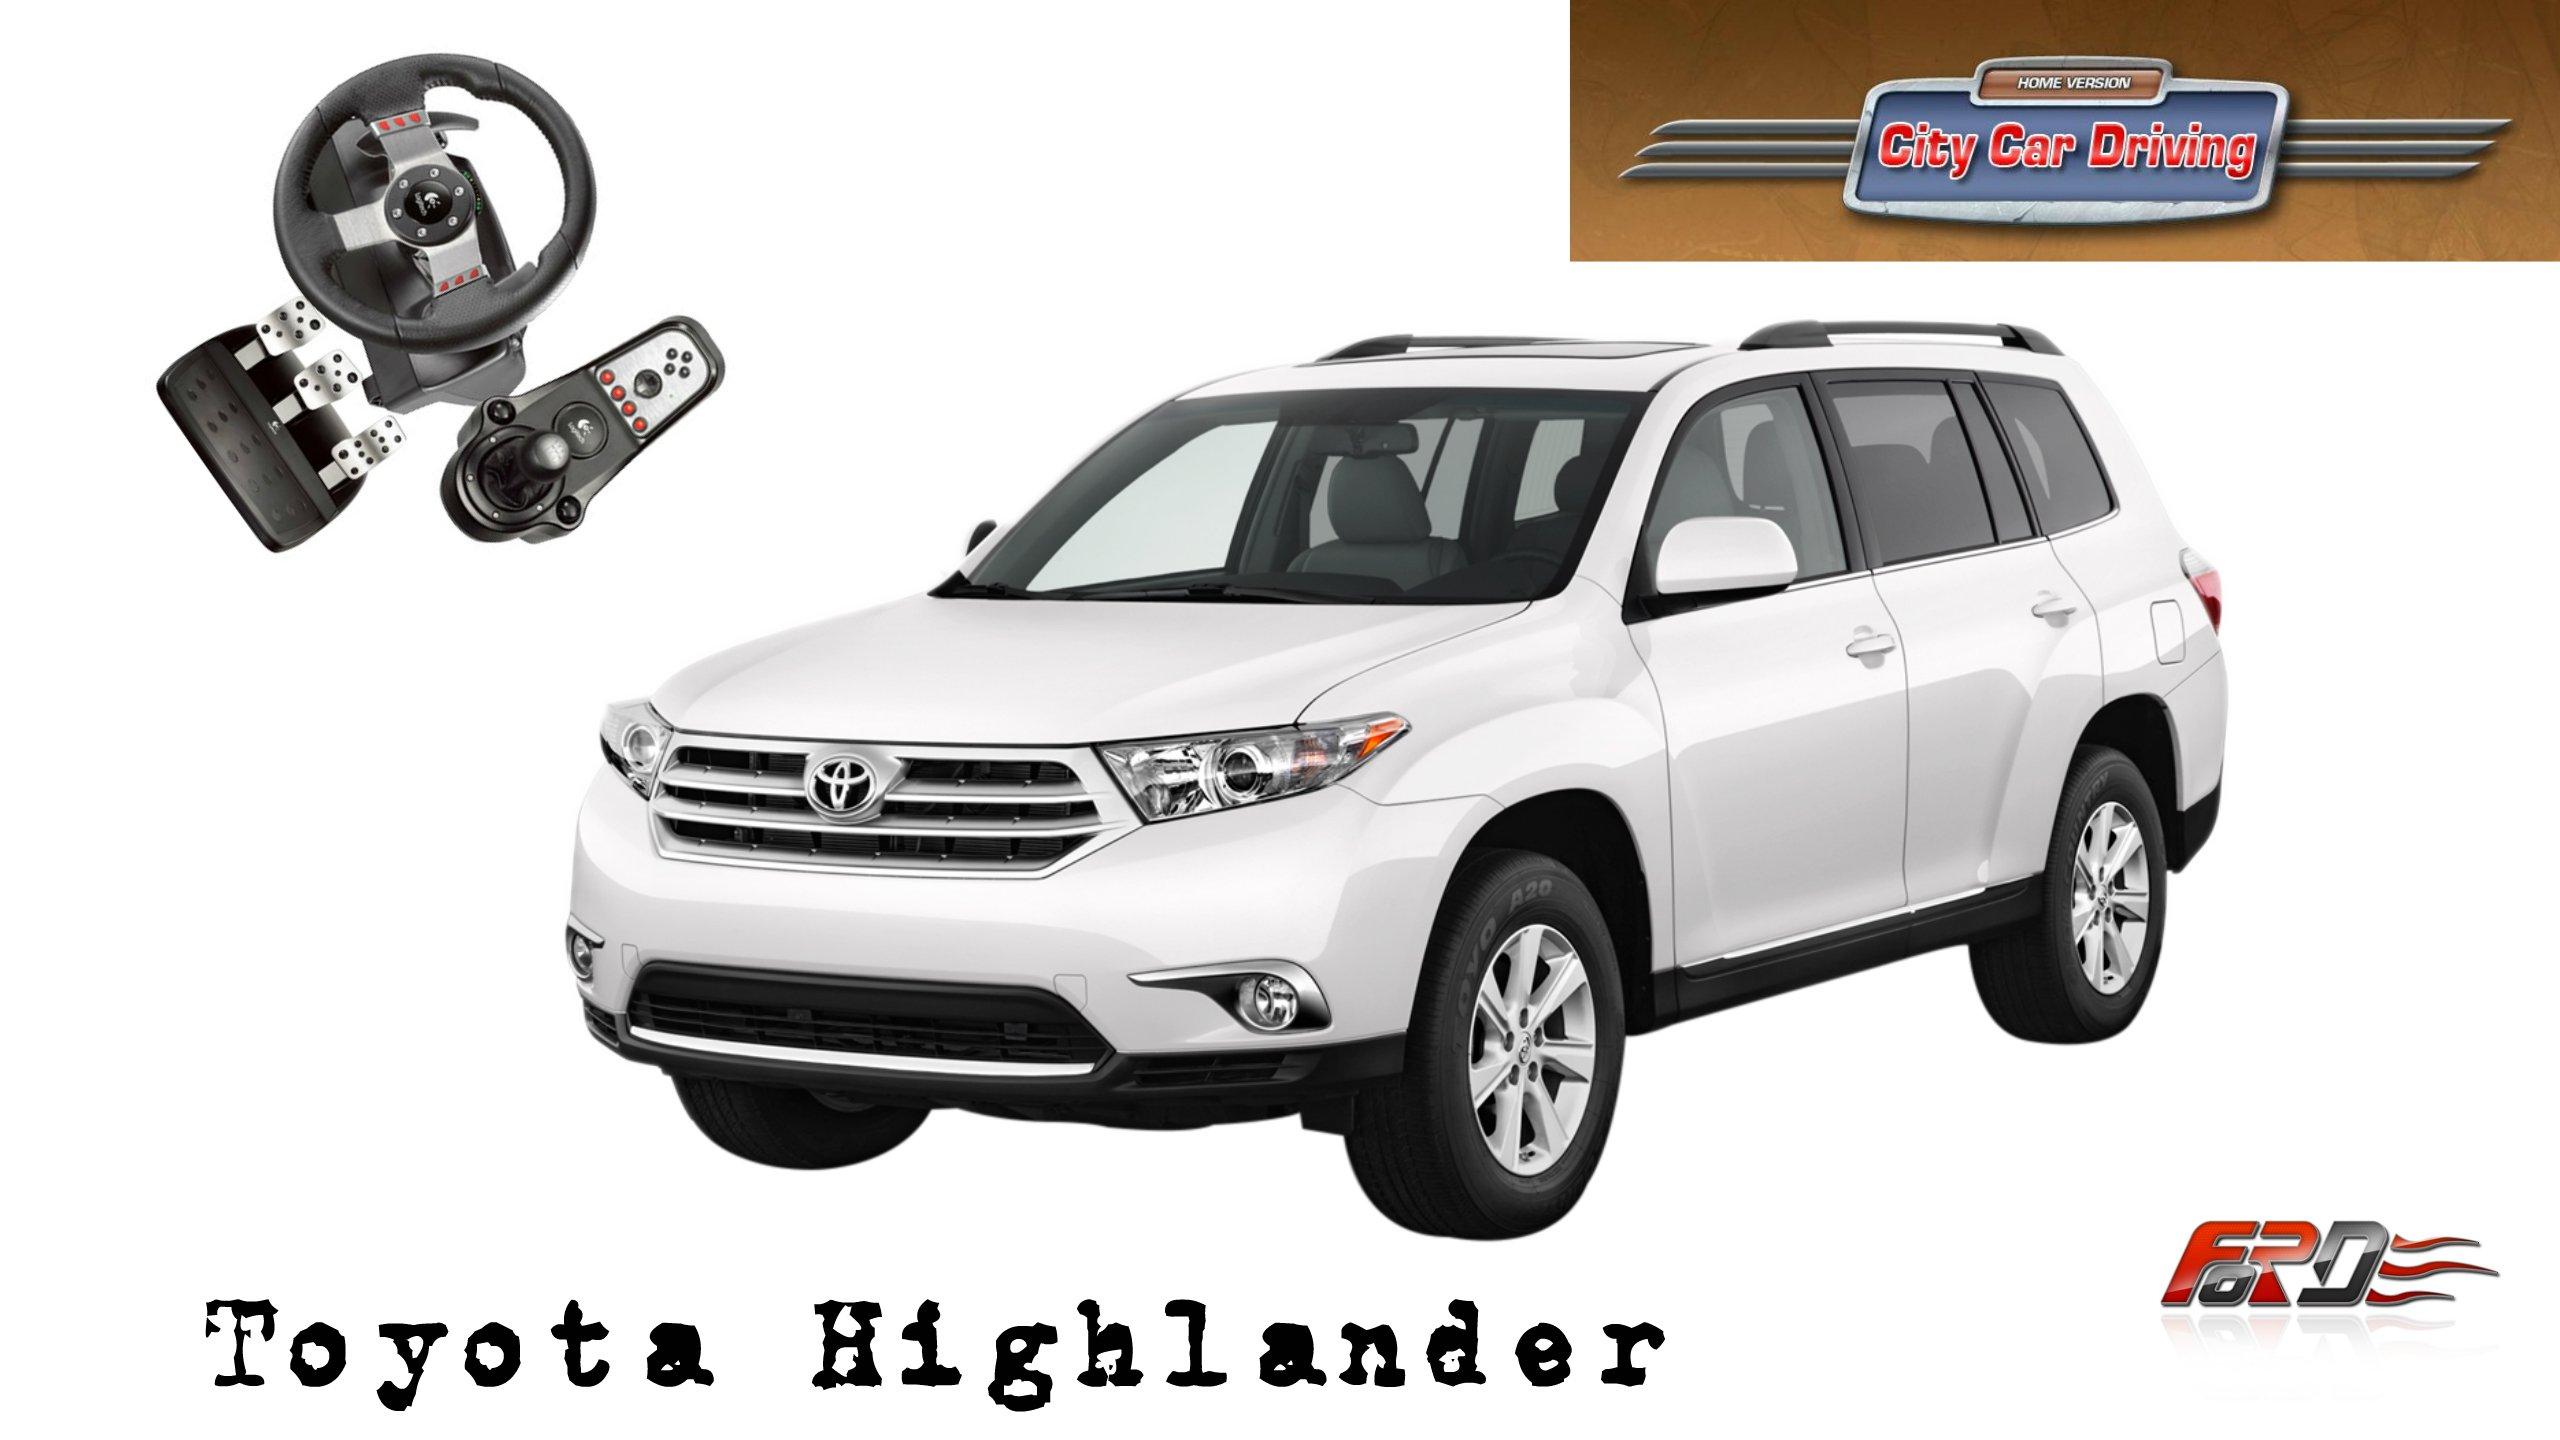 Toyota Highlander - тест-драйв, обзор, off-road внедорожника кроссовера в City Car Driving  - Изображение 1